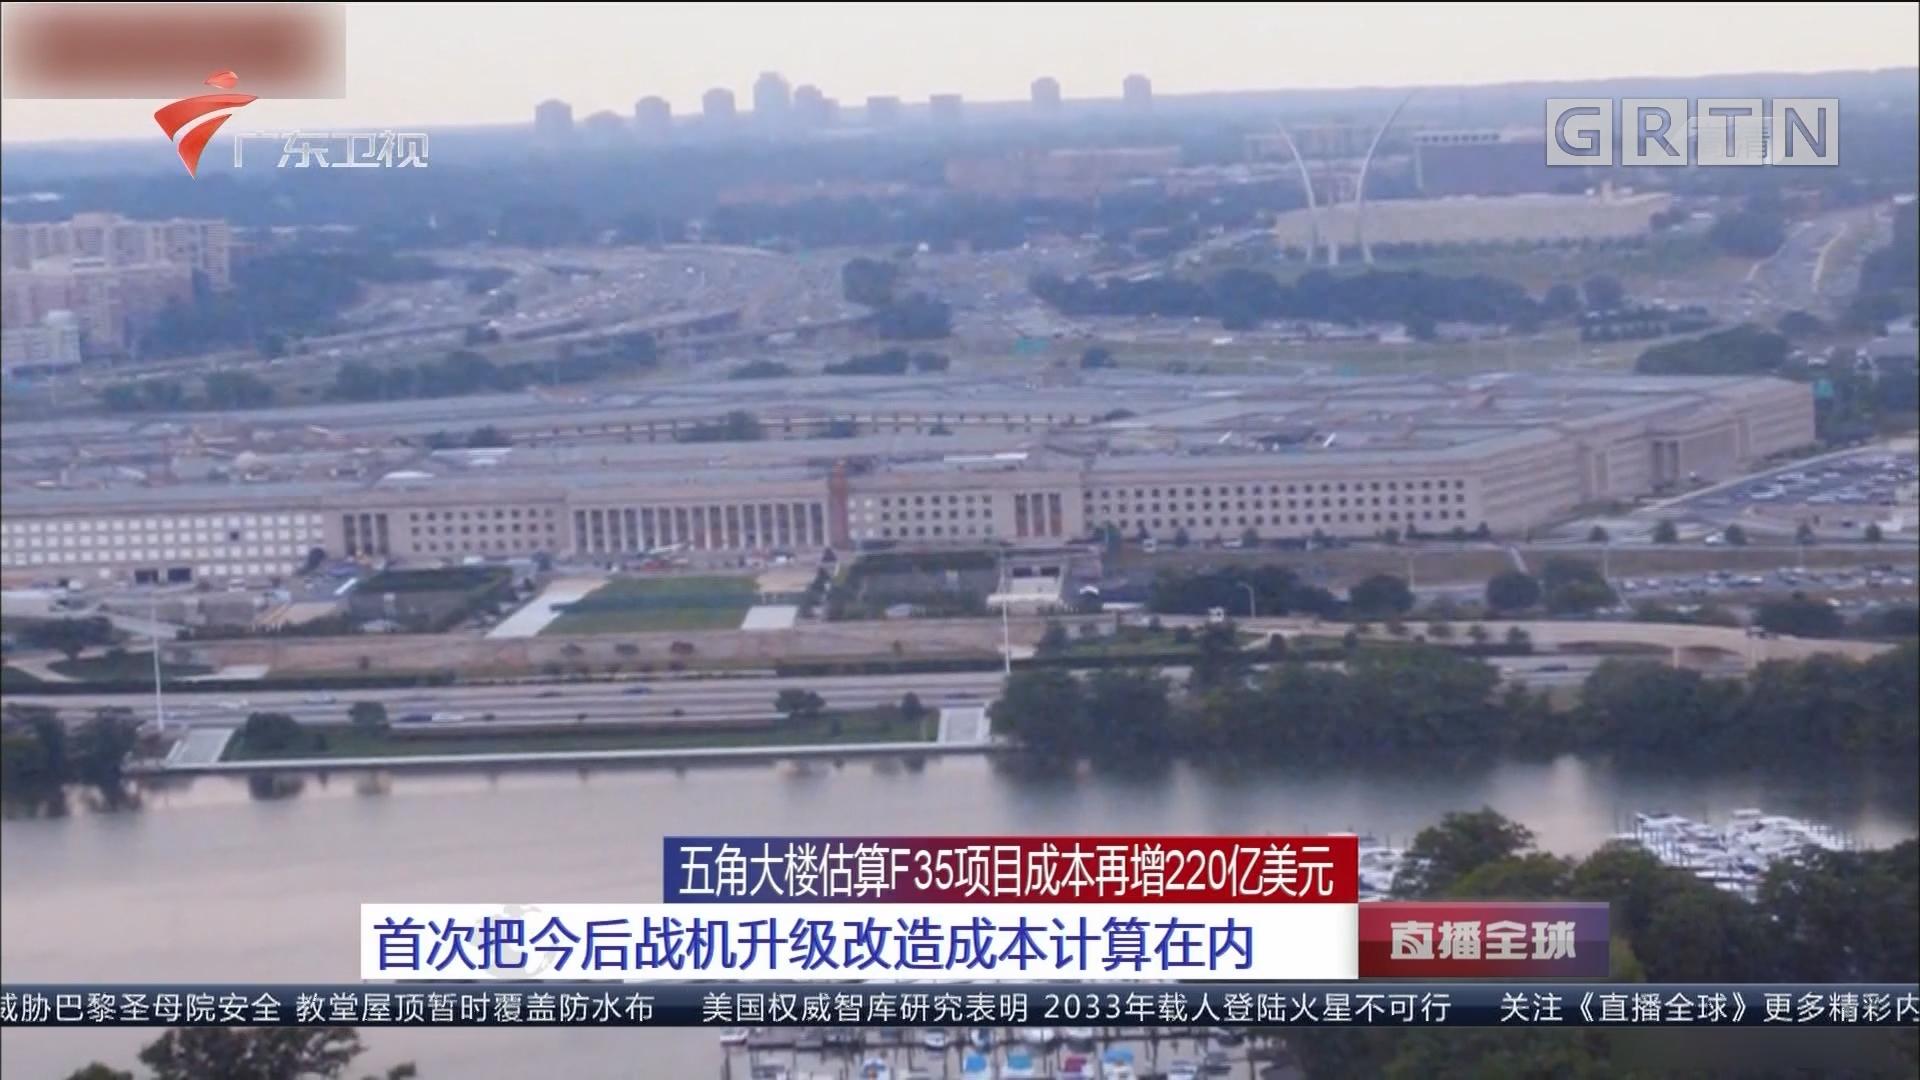 五角大楼估算F35项目成本再增220亿美元 首次把今后战机升级改造成本计算在内